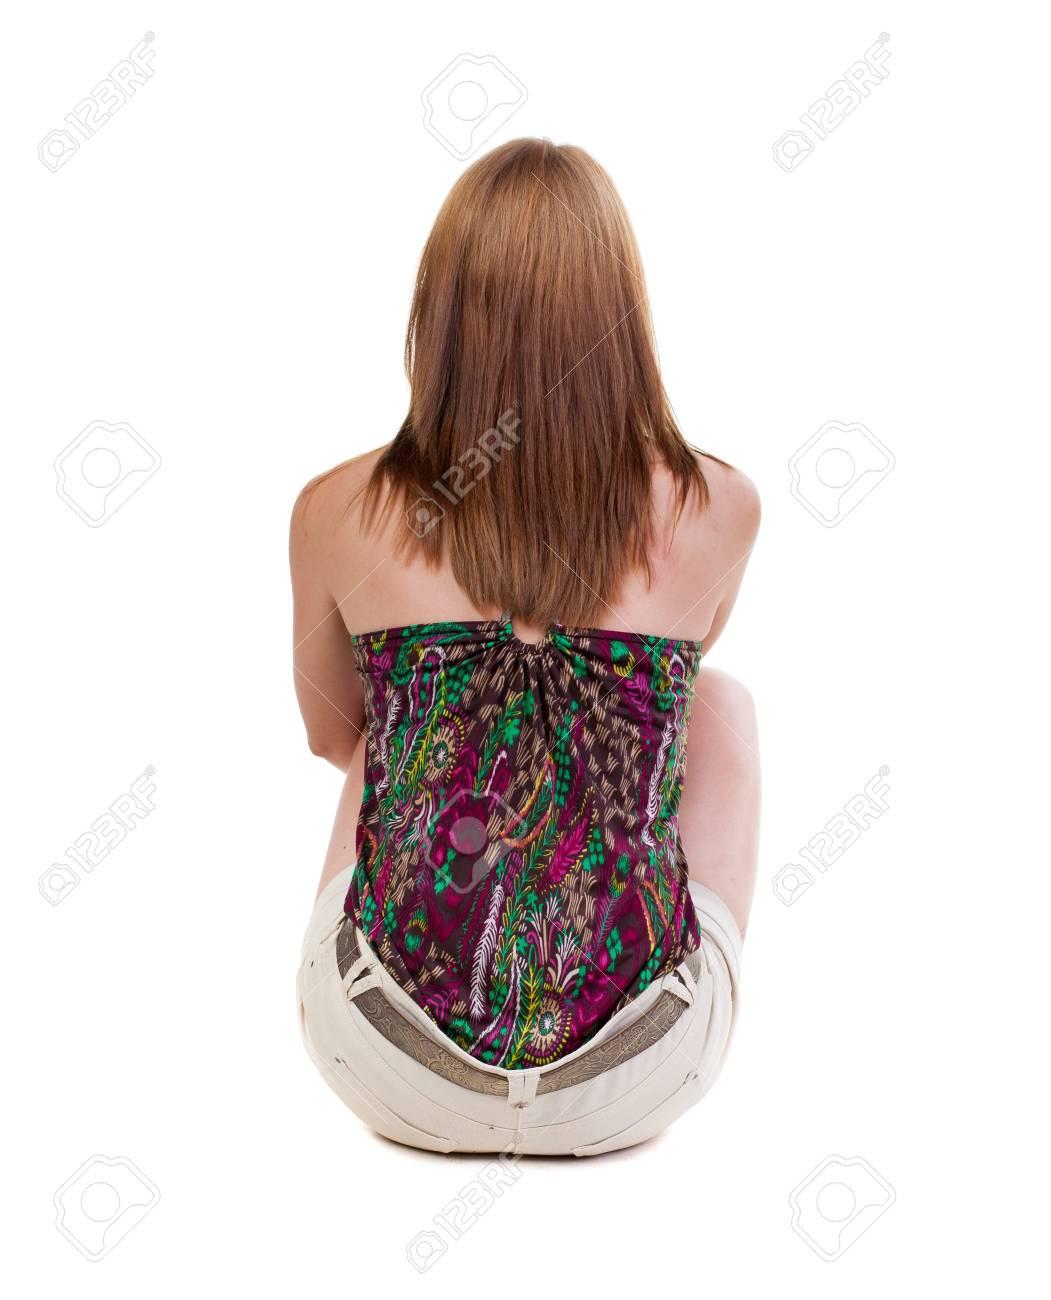 Hermosa Del Vista Cortocircuitos Rubia Posterior Joven En Mujer Pie nSnCwfqzxa